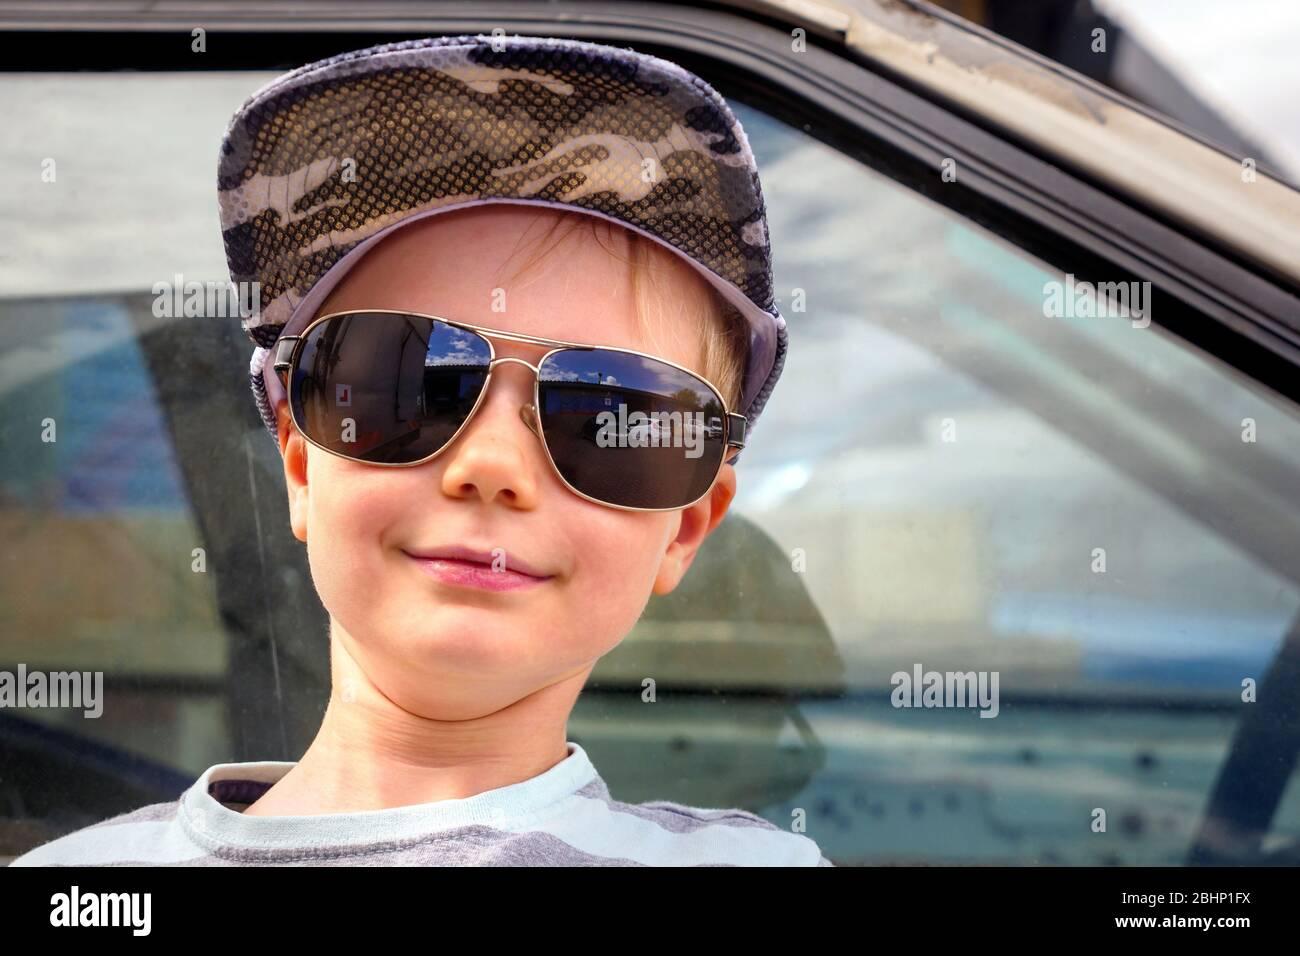 Kleiner Junge Porträt mit Autofenster auf Hintergrund trägt Militärmütze und Väter Brille Stockfoto